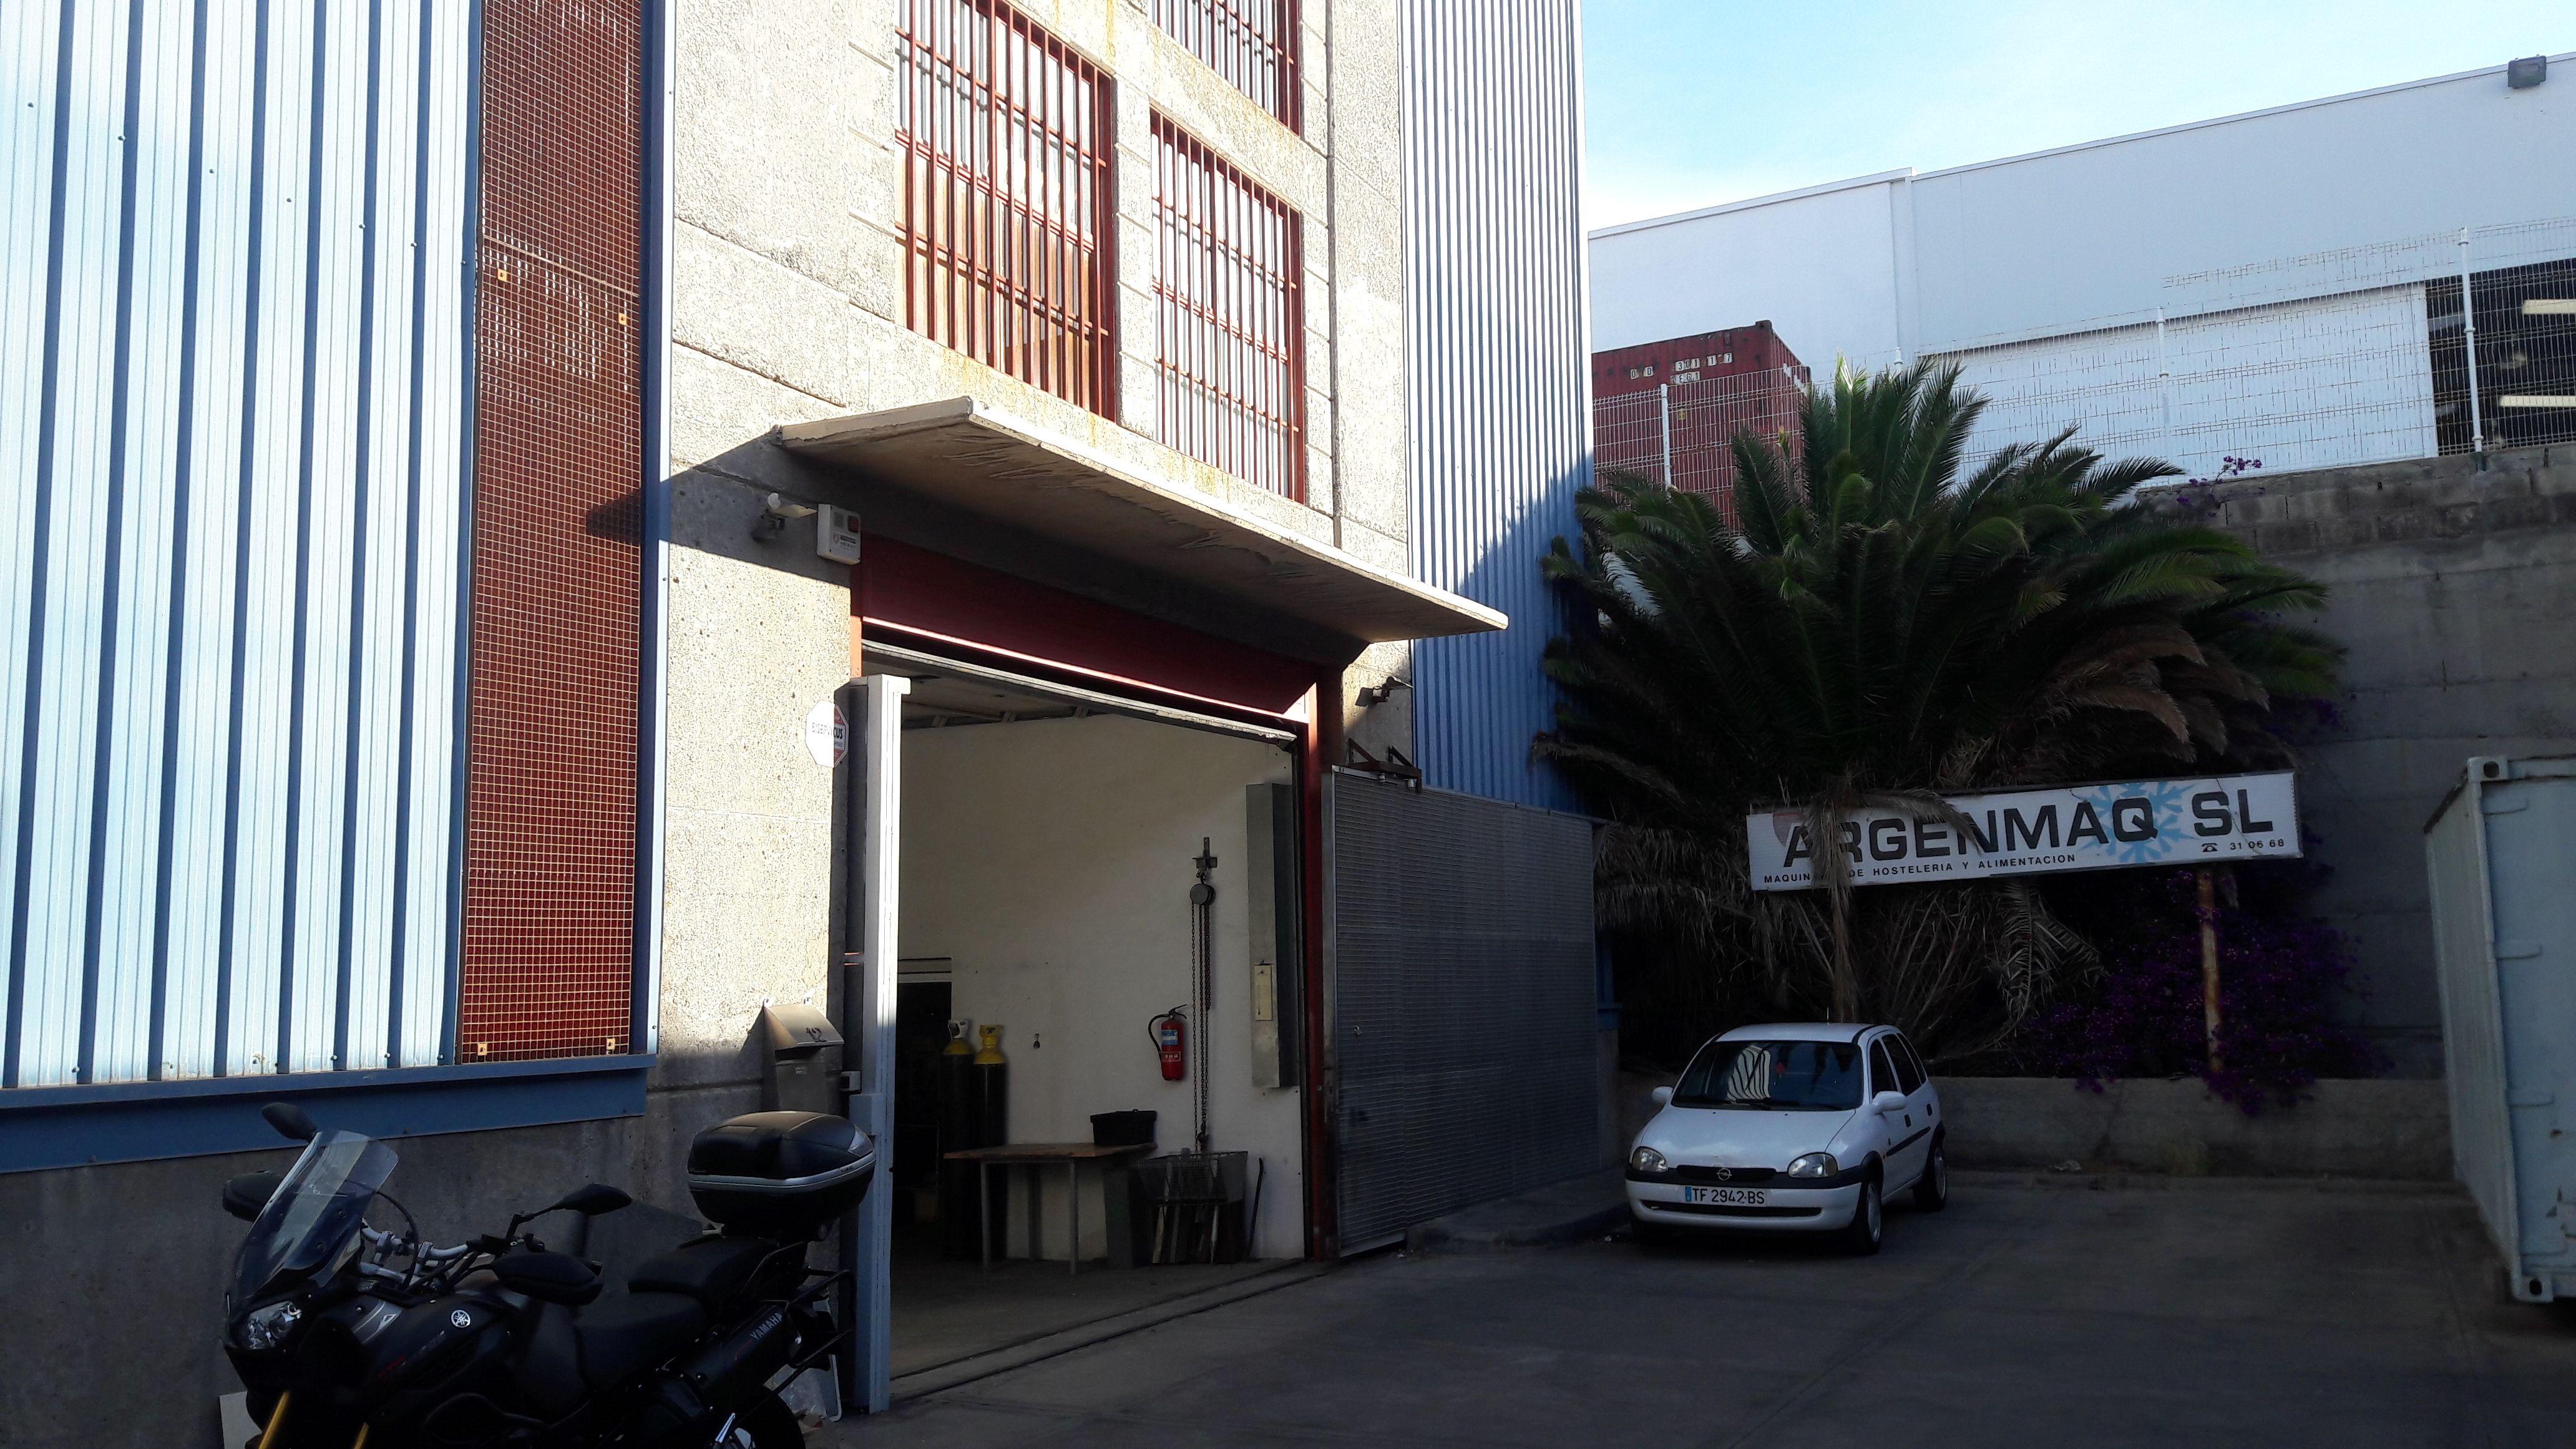 Especialistas en fabricación de piezas de acero inoxidable en Tenerife